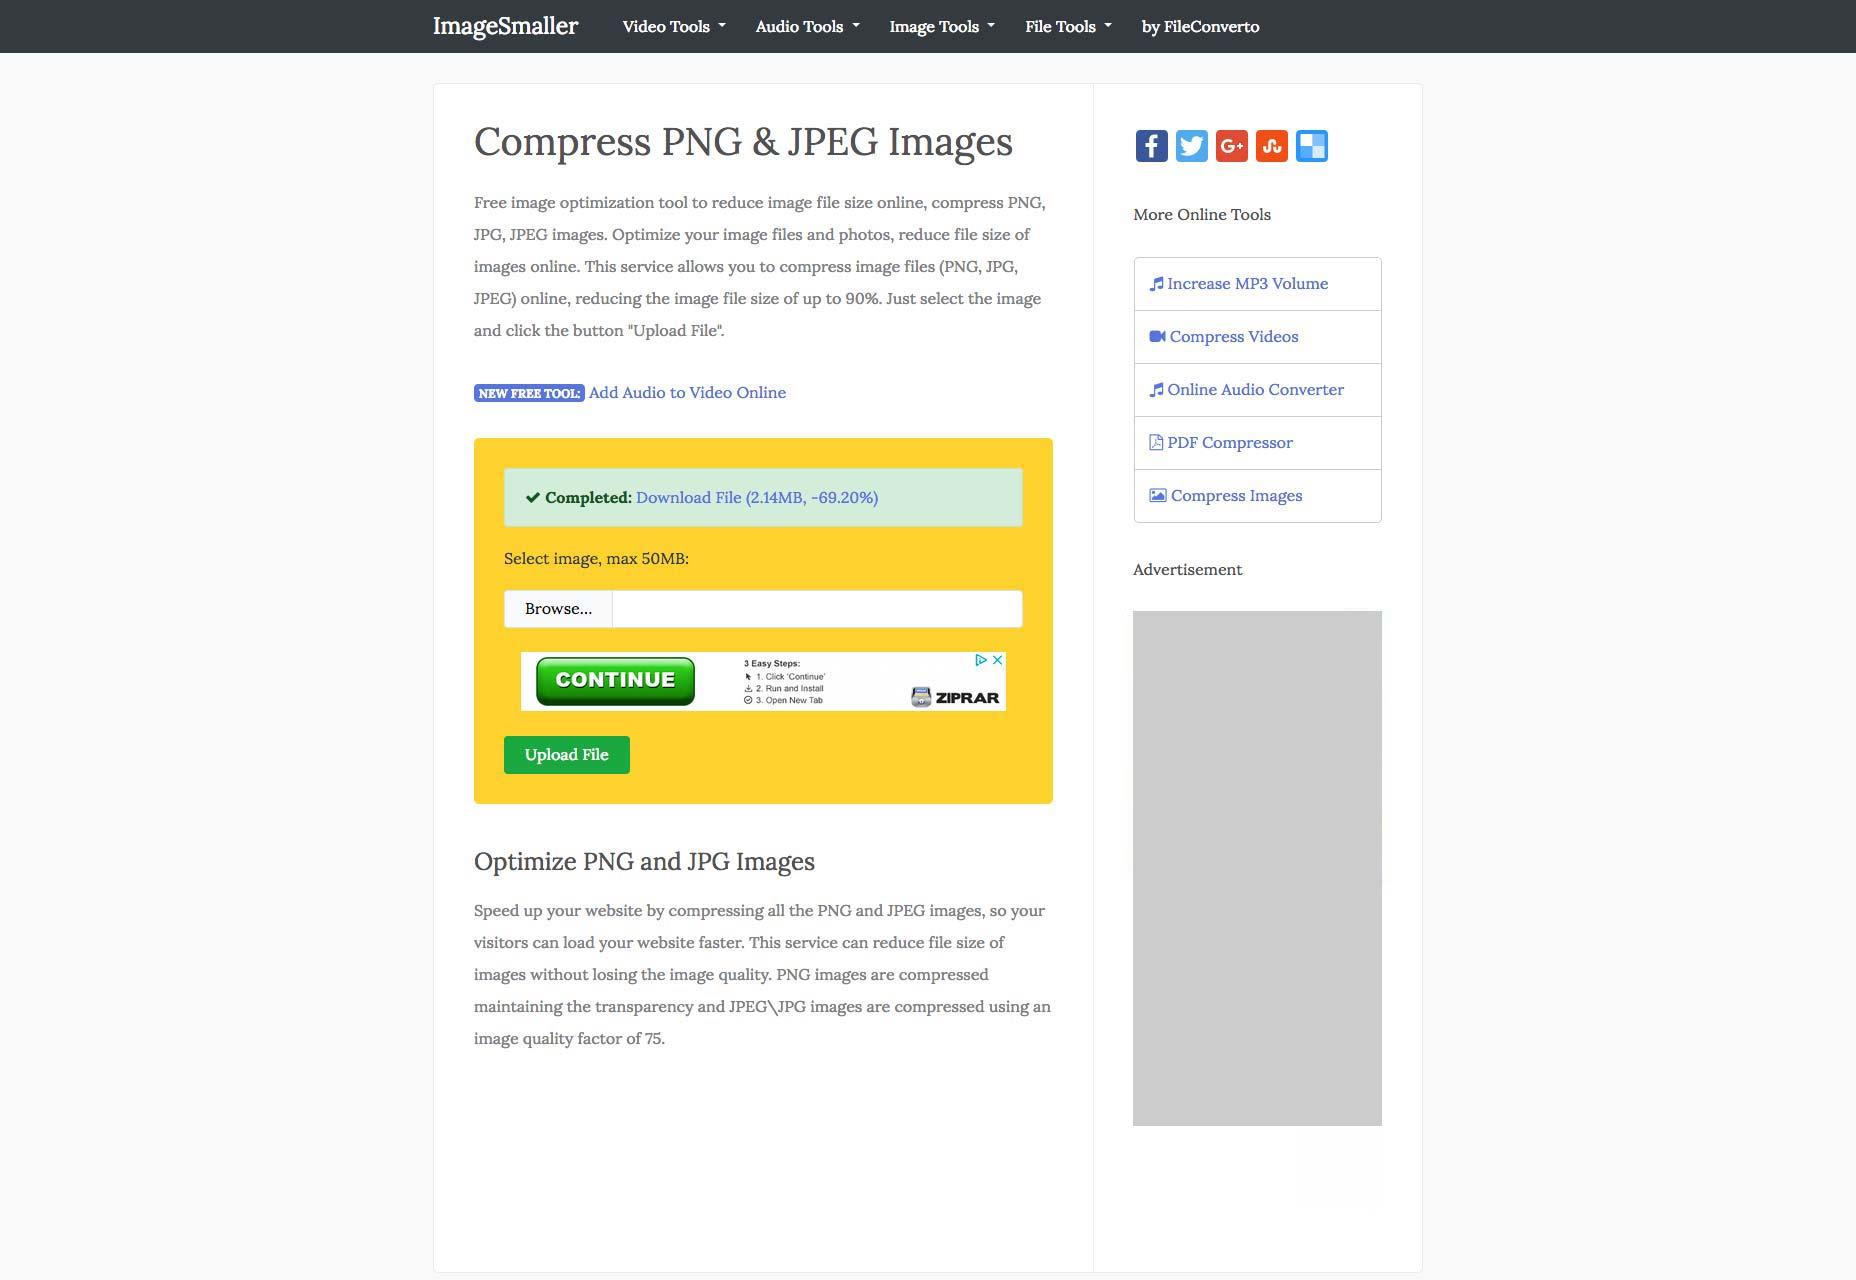 imagessmaller